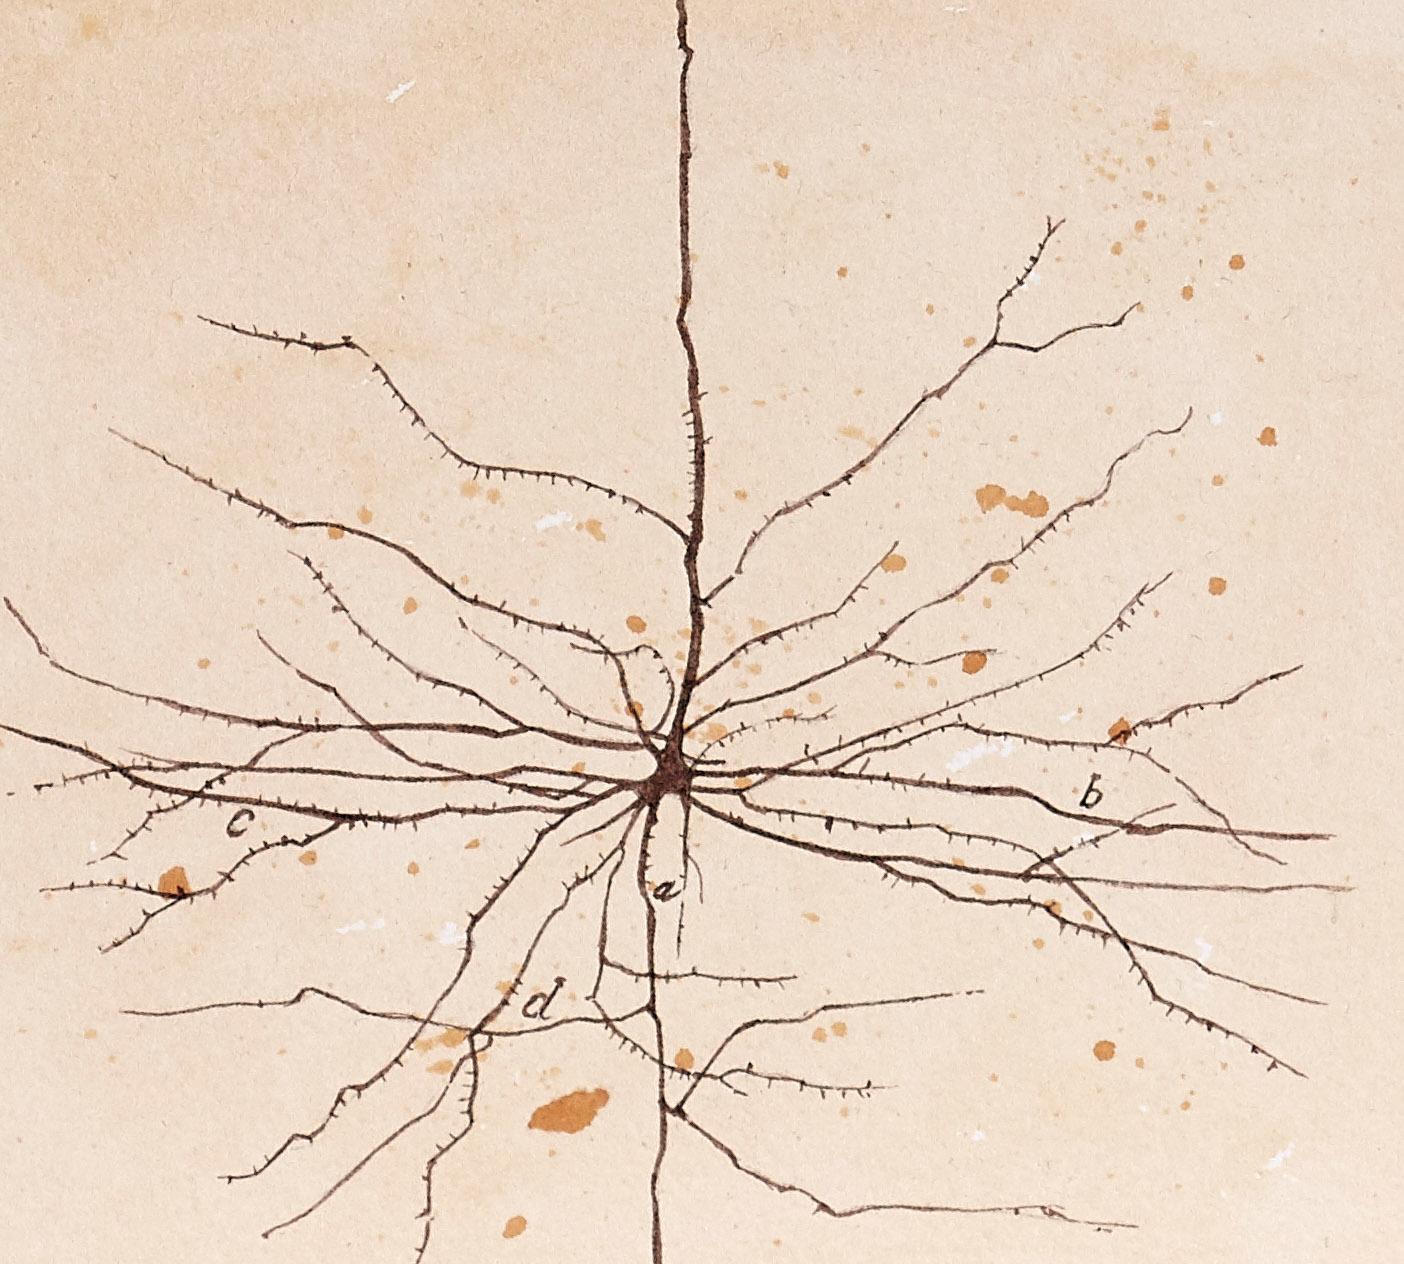 Neuronas como las que dibujó Ramón y Cajal en versión del artista fernando Fueyo.   CRÉDITO: Fernando Fueyo